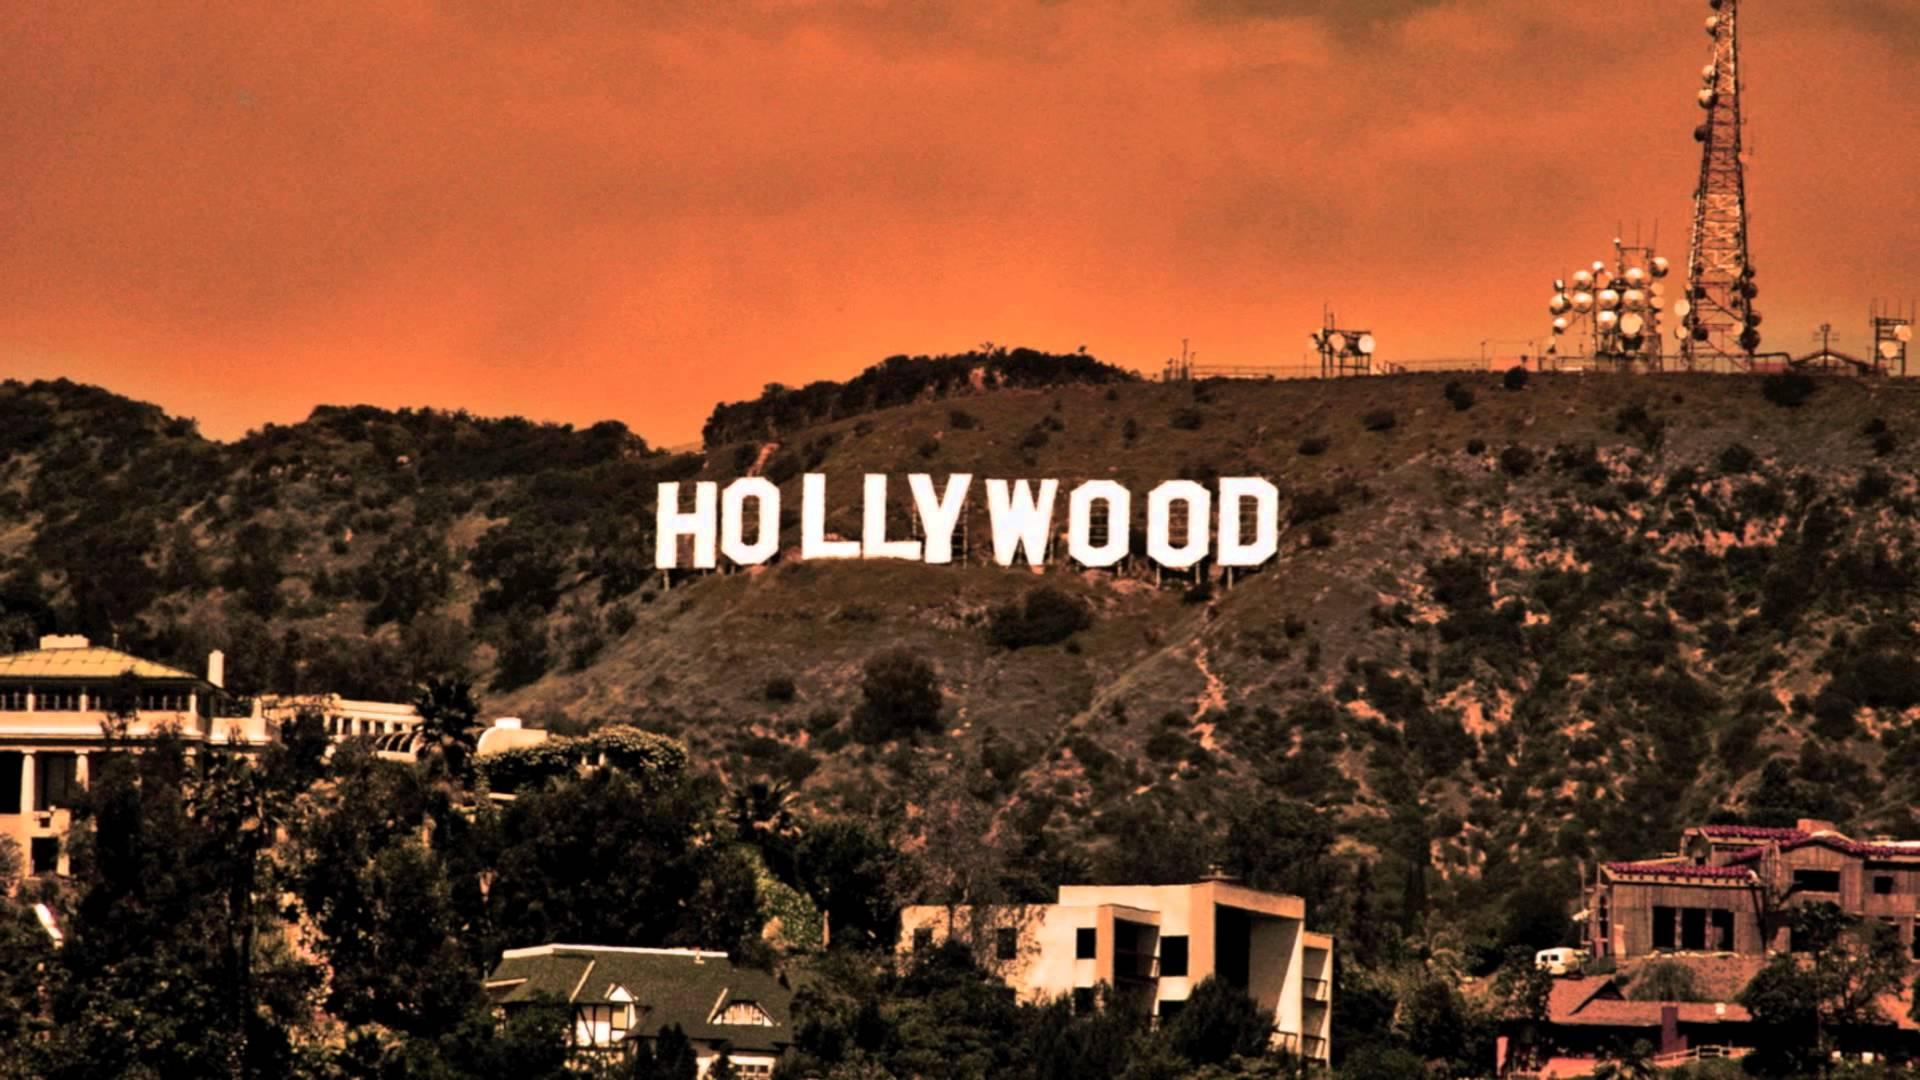 Hollywood Sign At Night Wallpaper